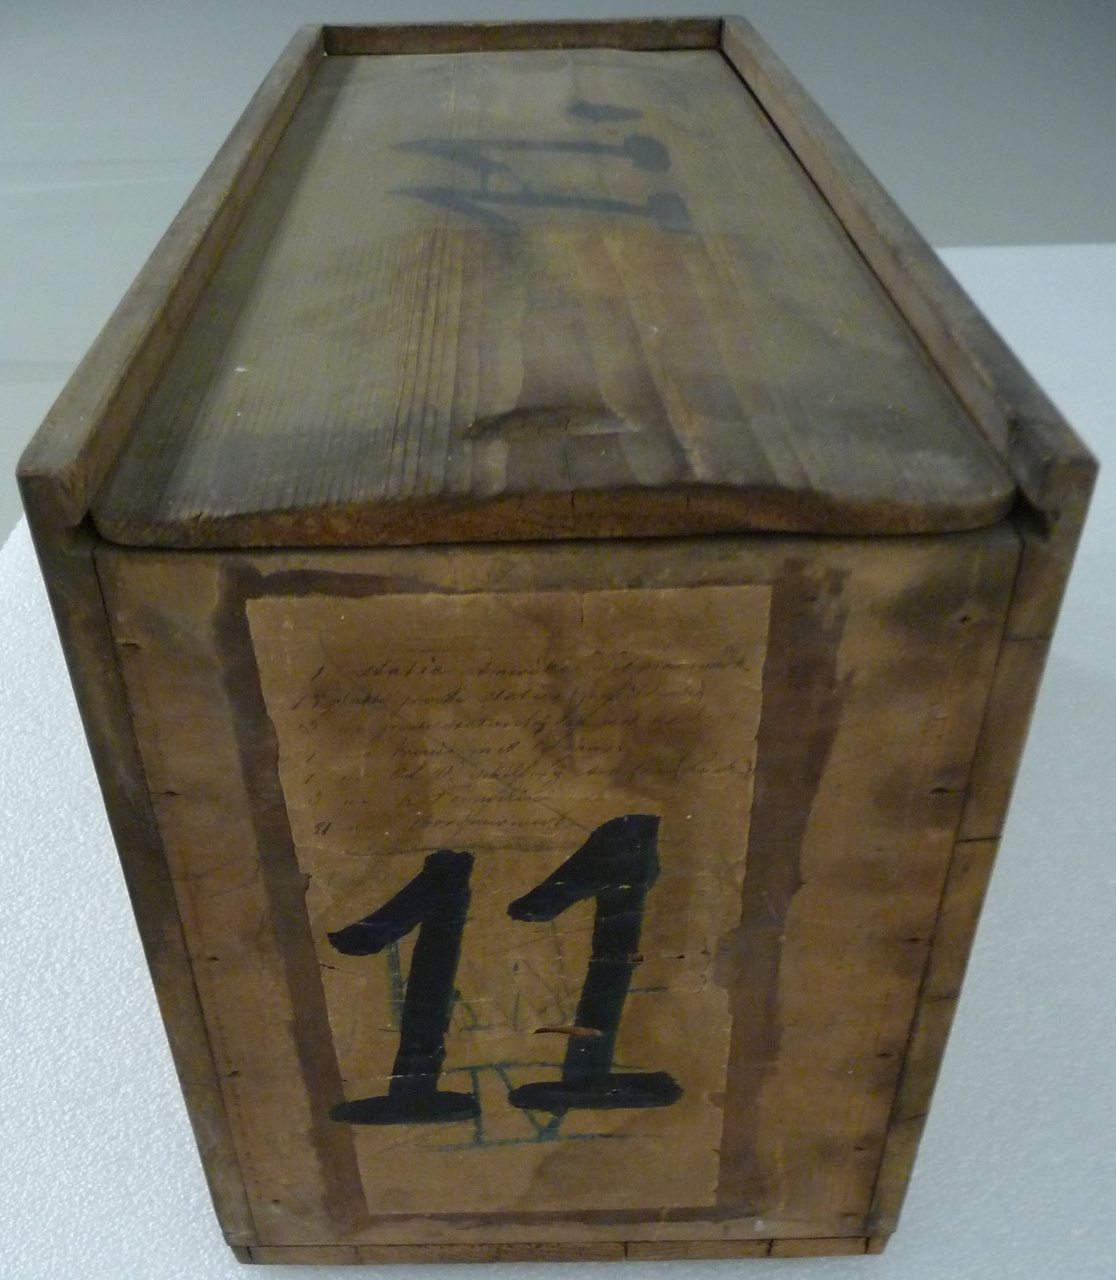 Kist voor glasnegatieven met nummer 11.